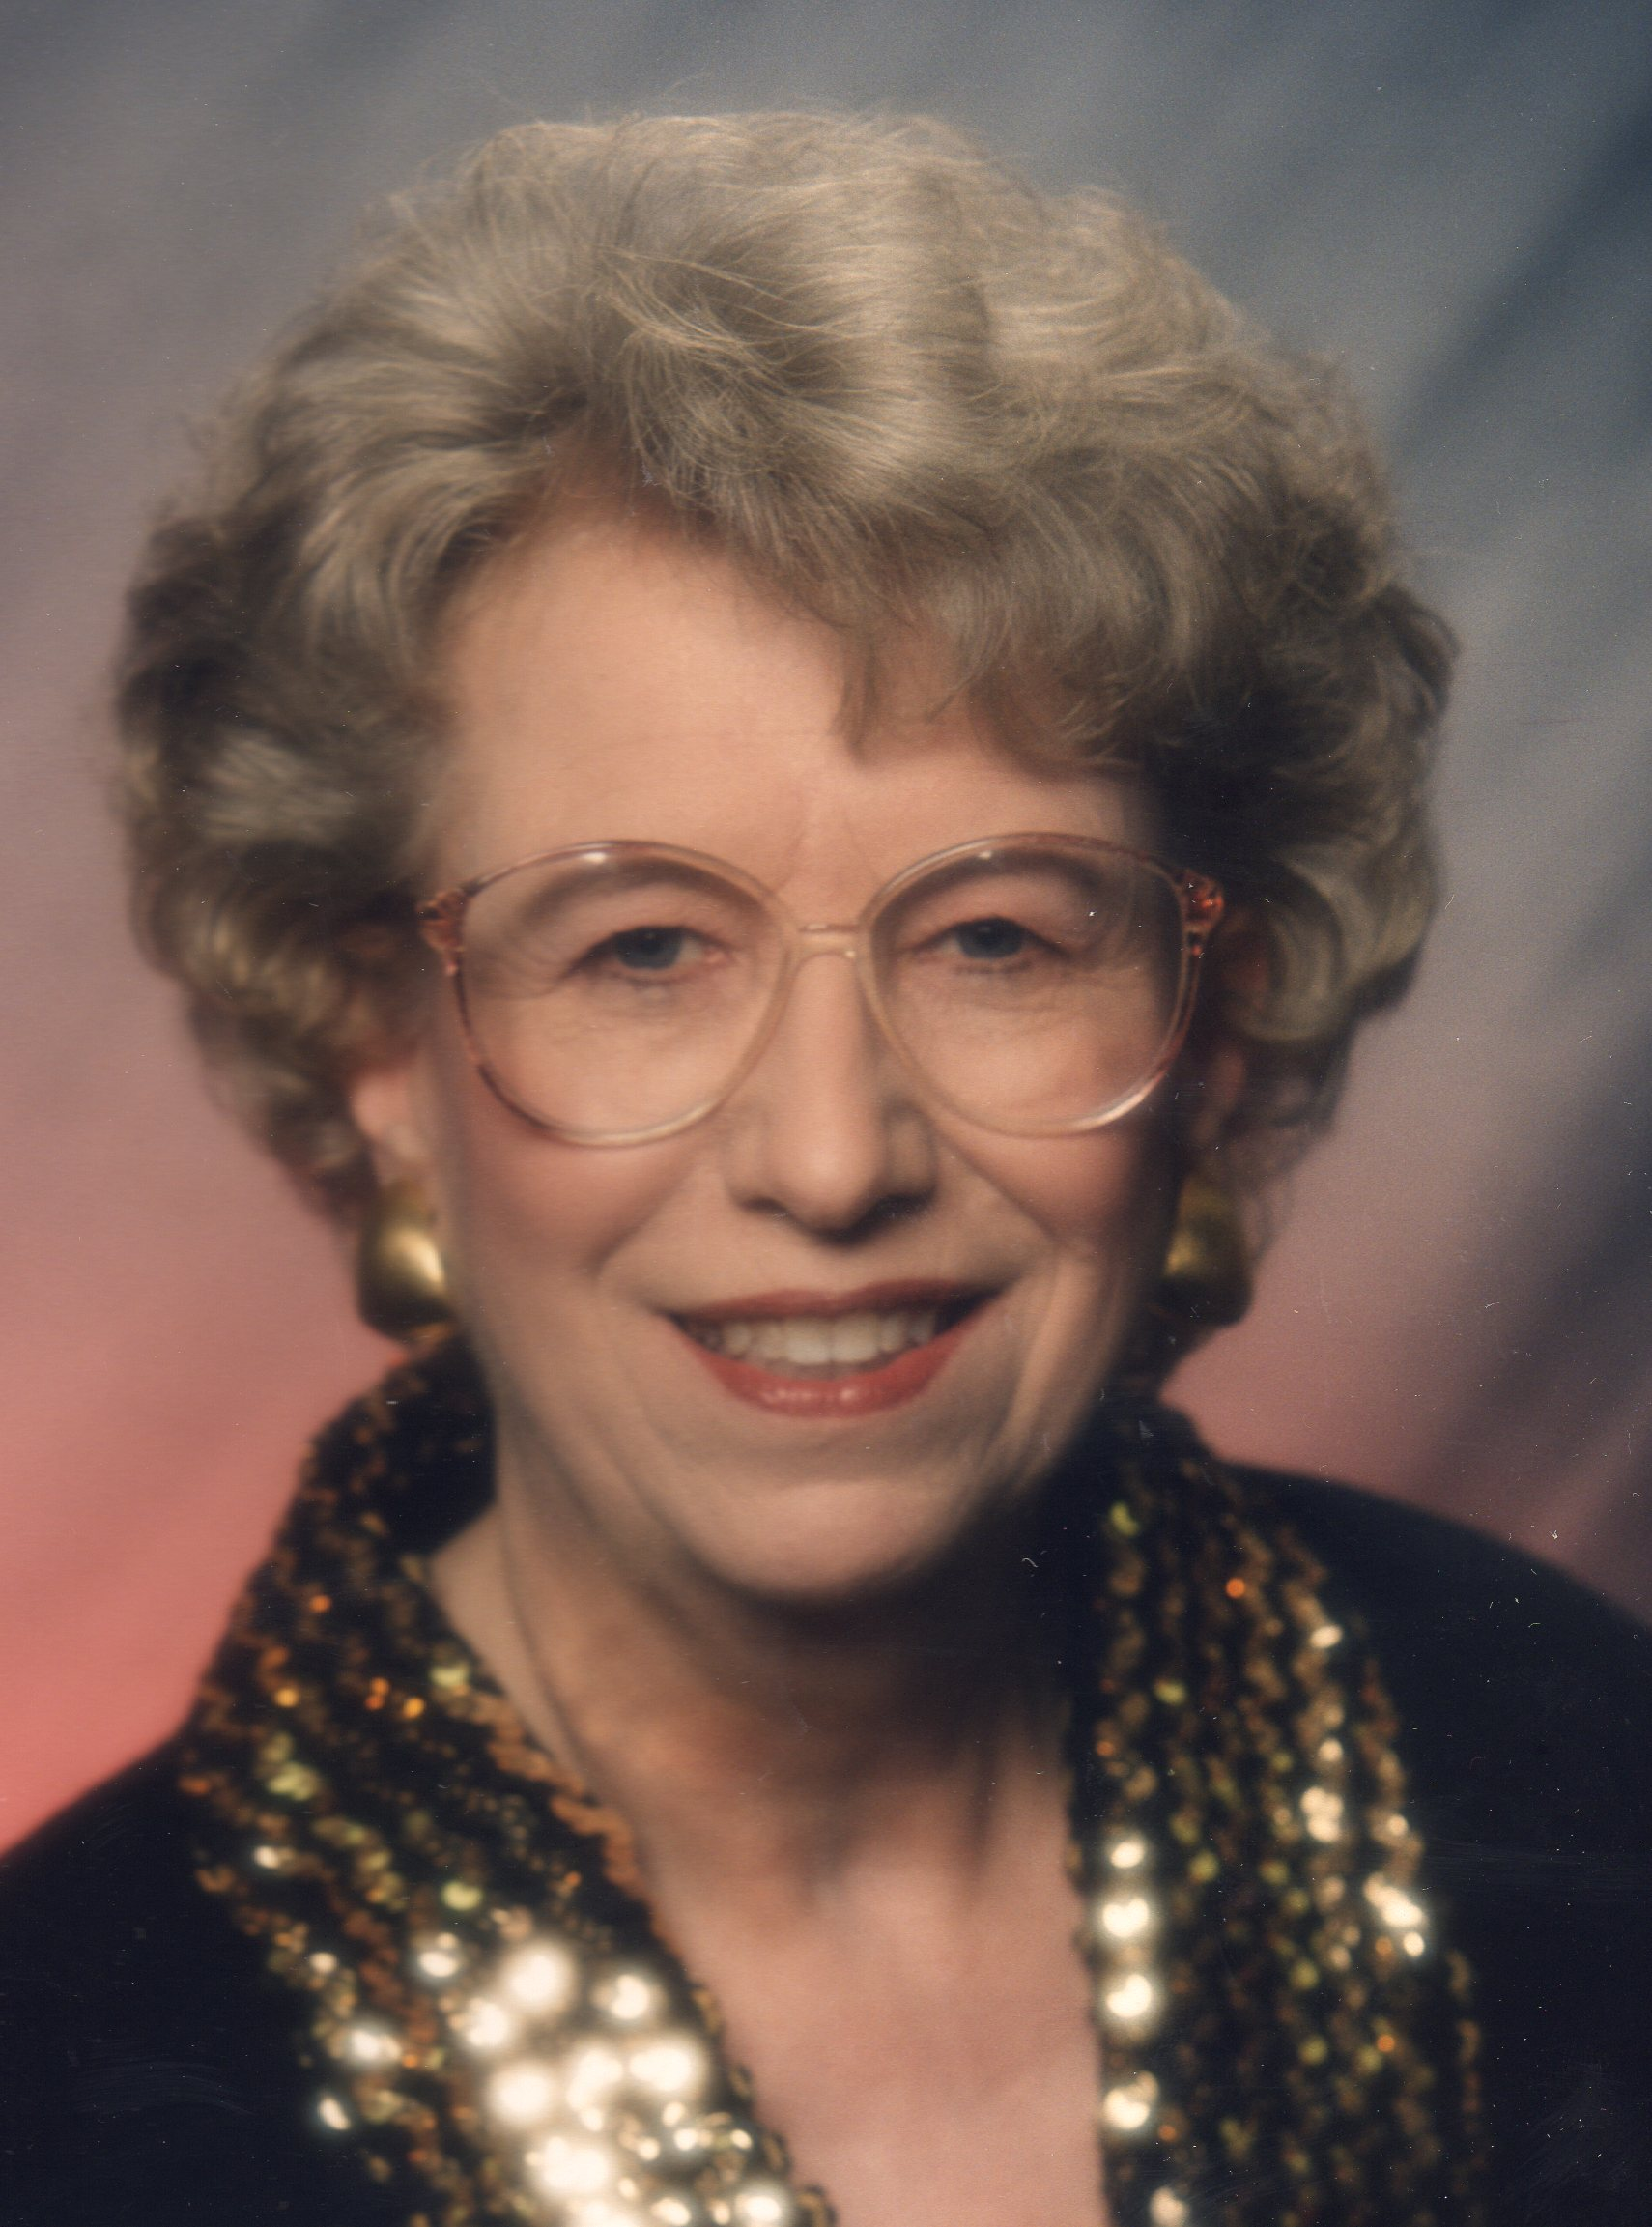 Rathfelder Joanne002